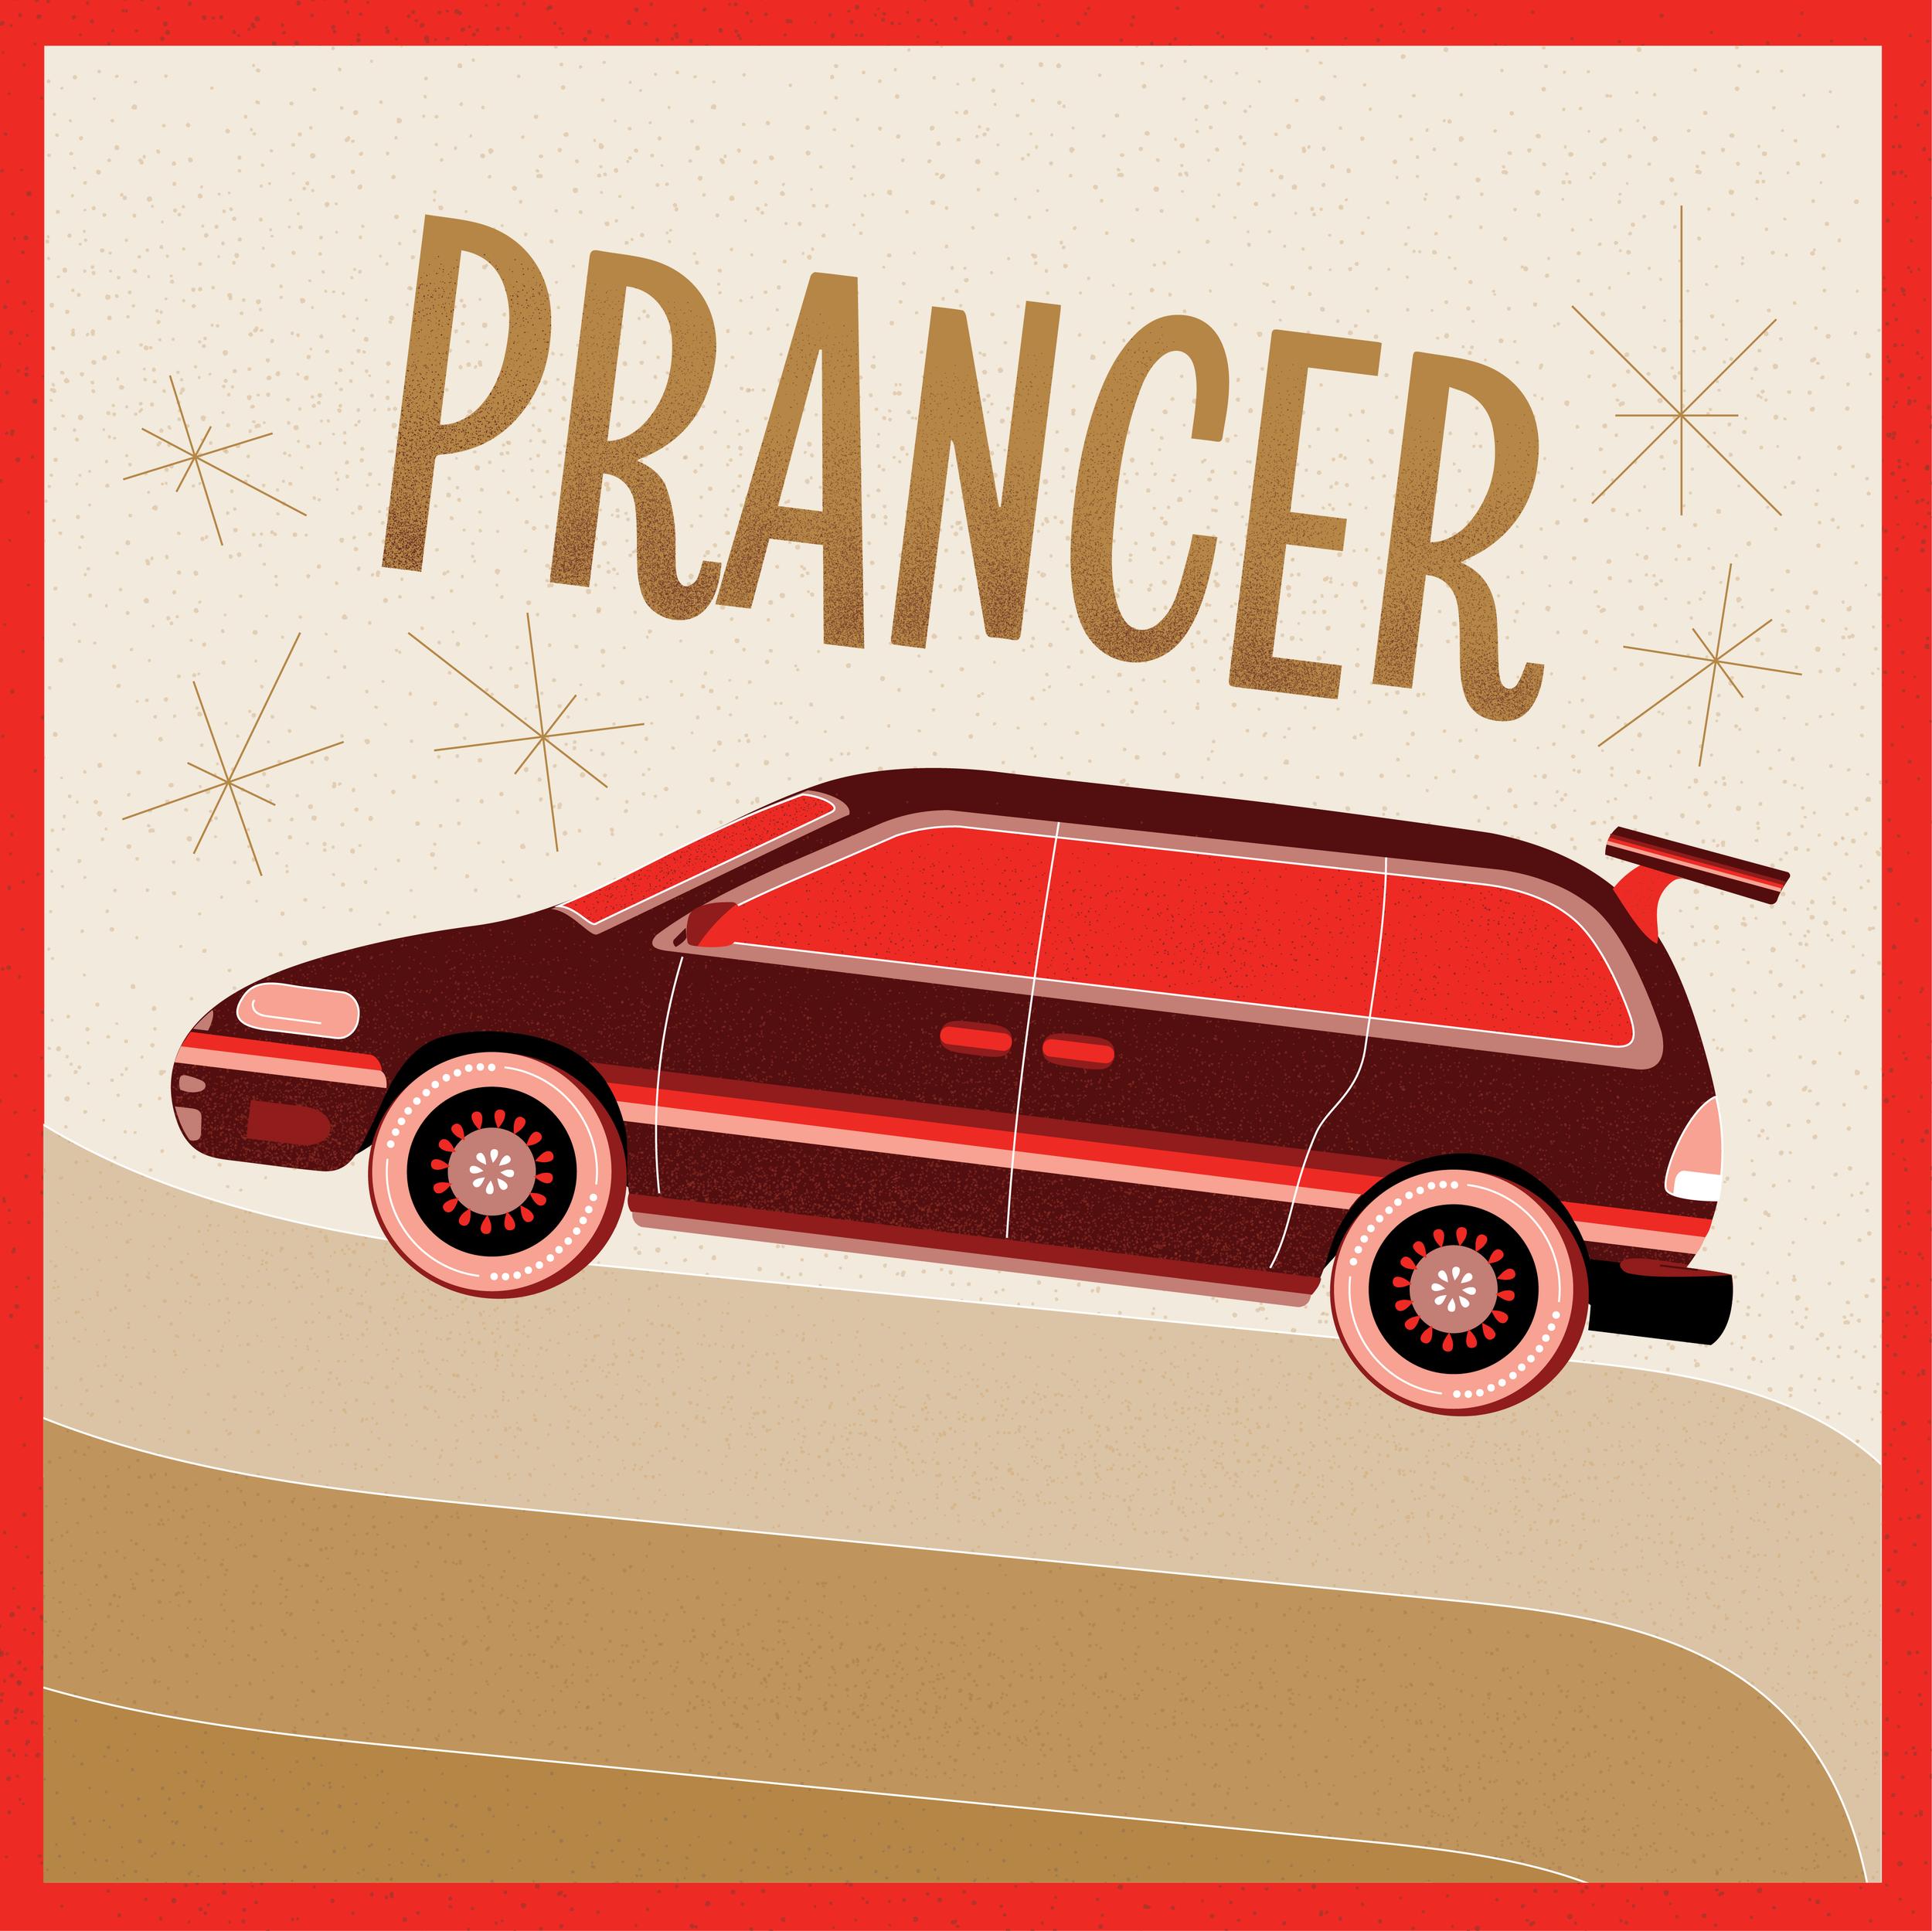 3 Prancer FINAL-03.png